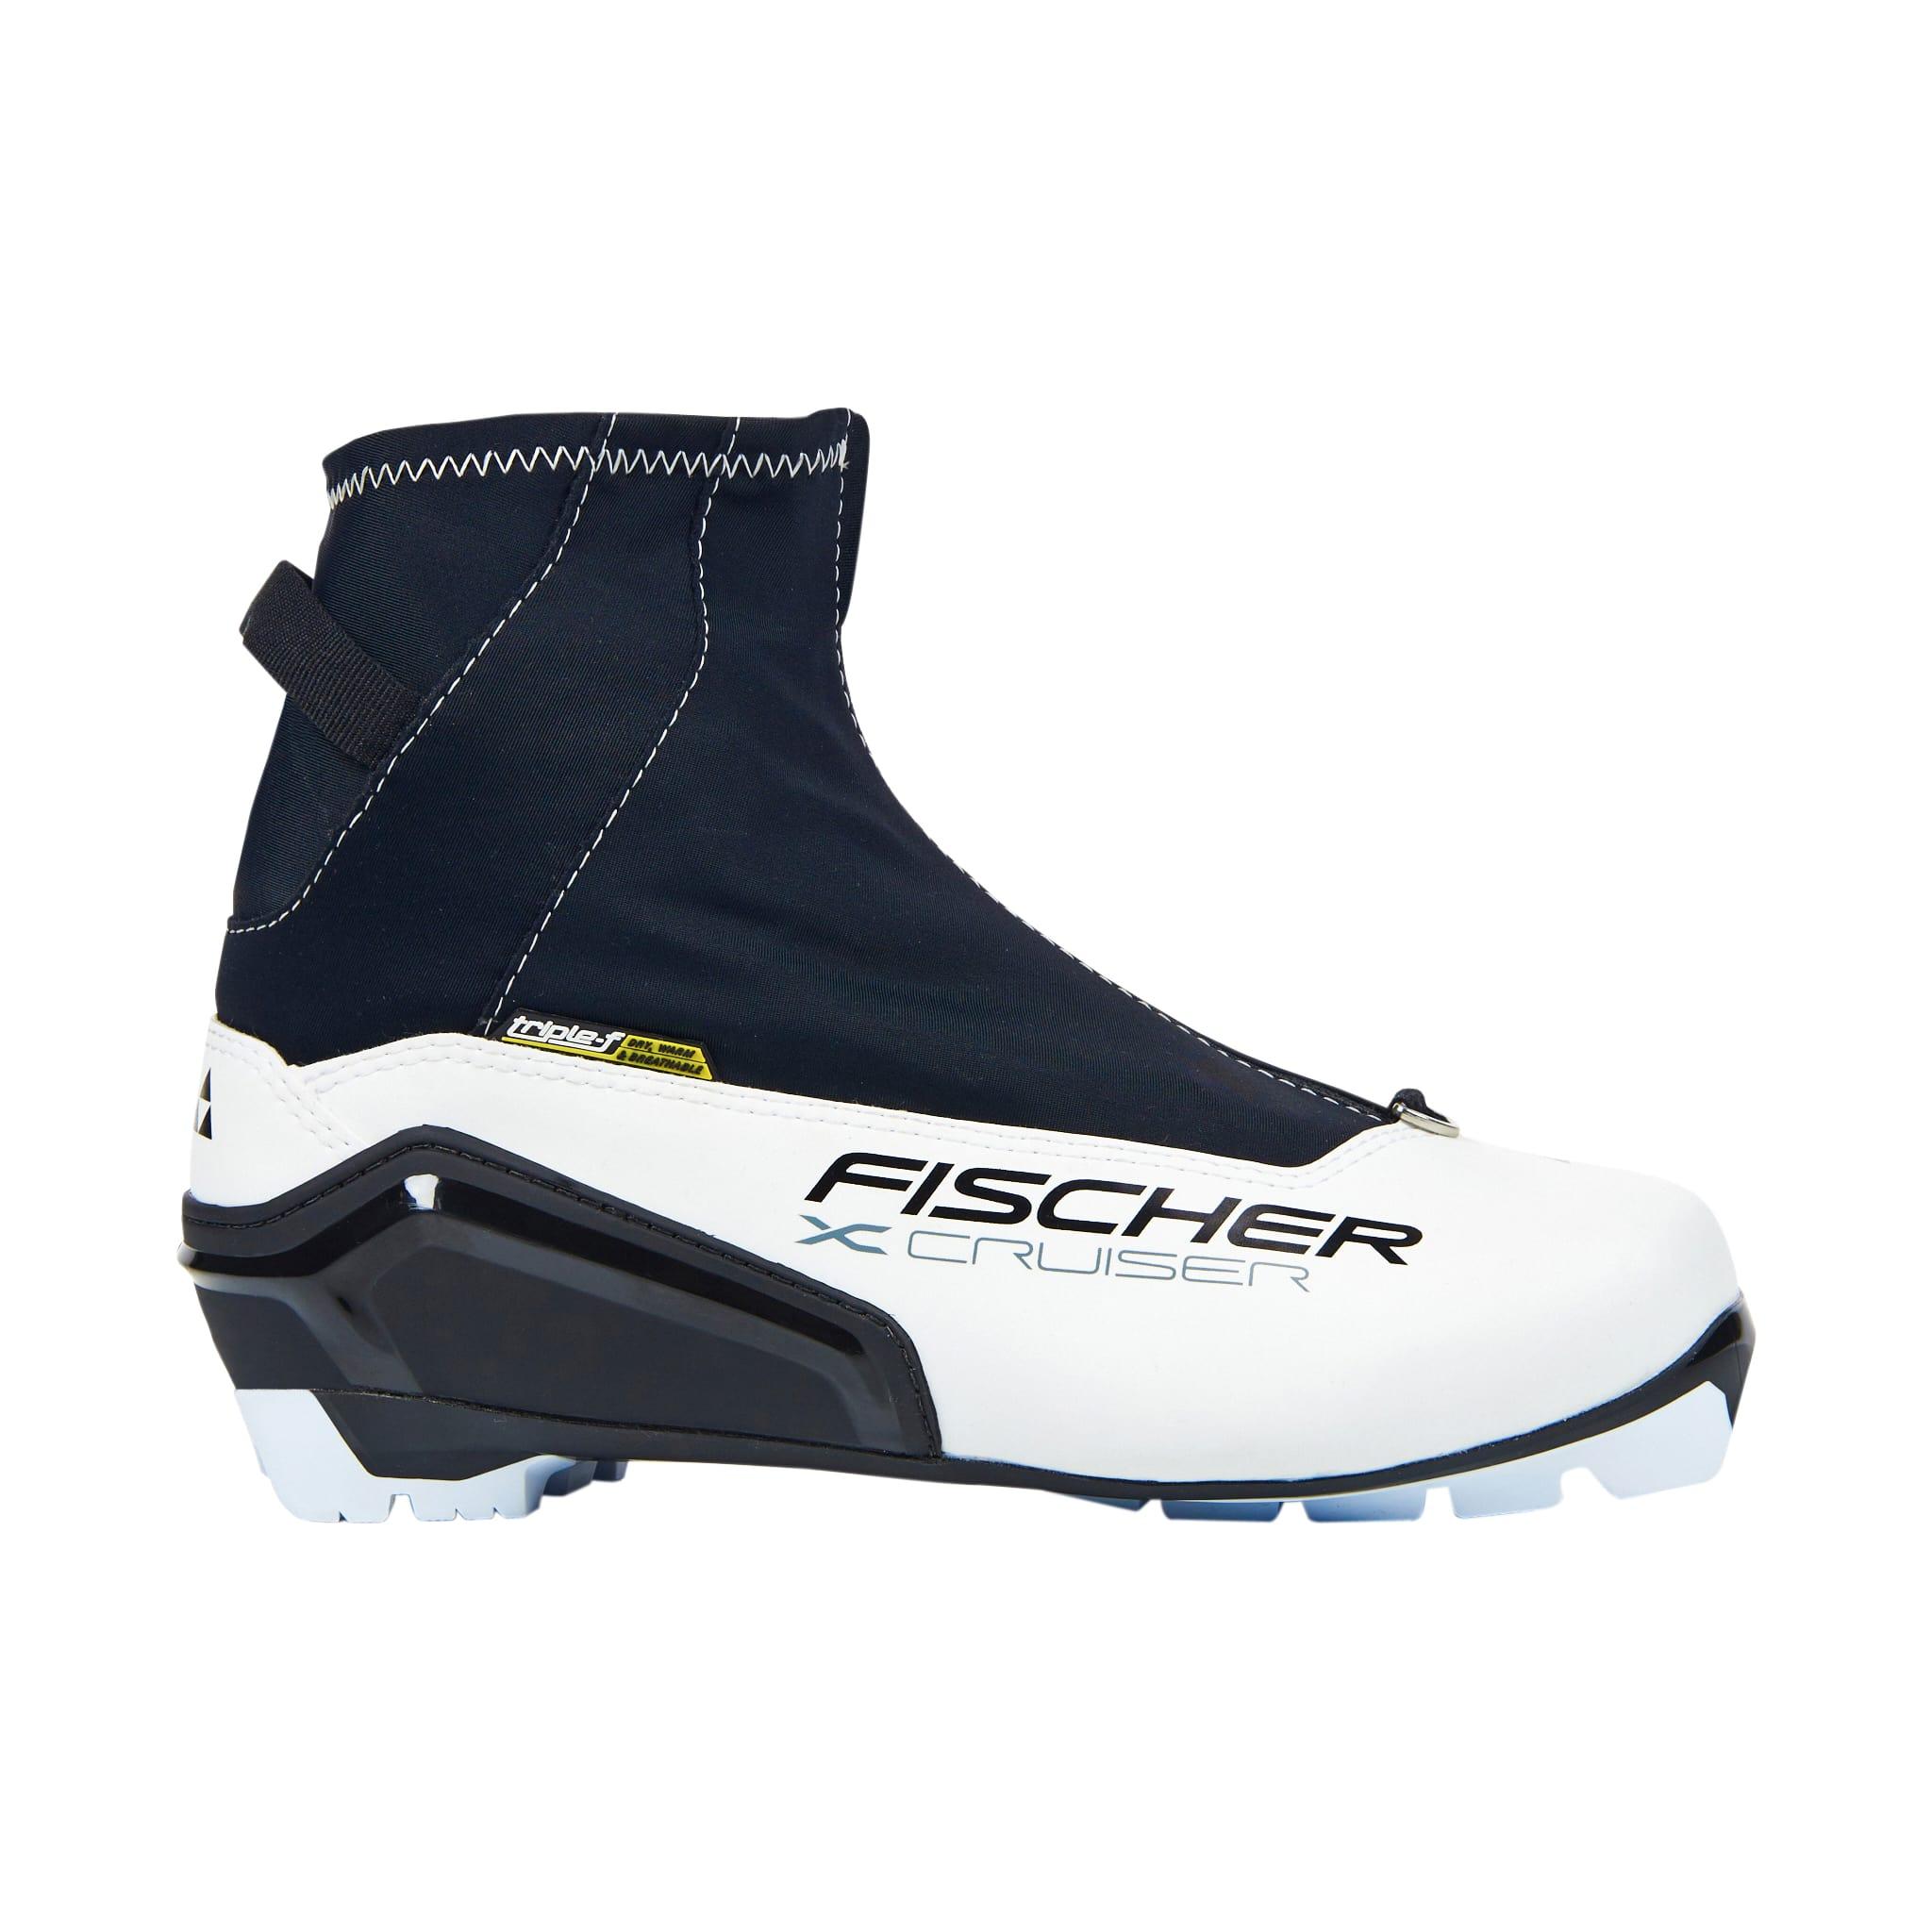 Sporty markasko som gjør skituren til en god opplevelse!